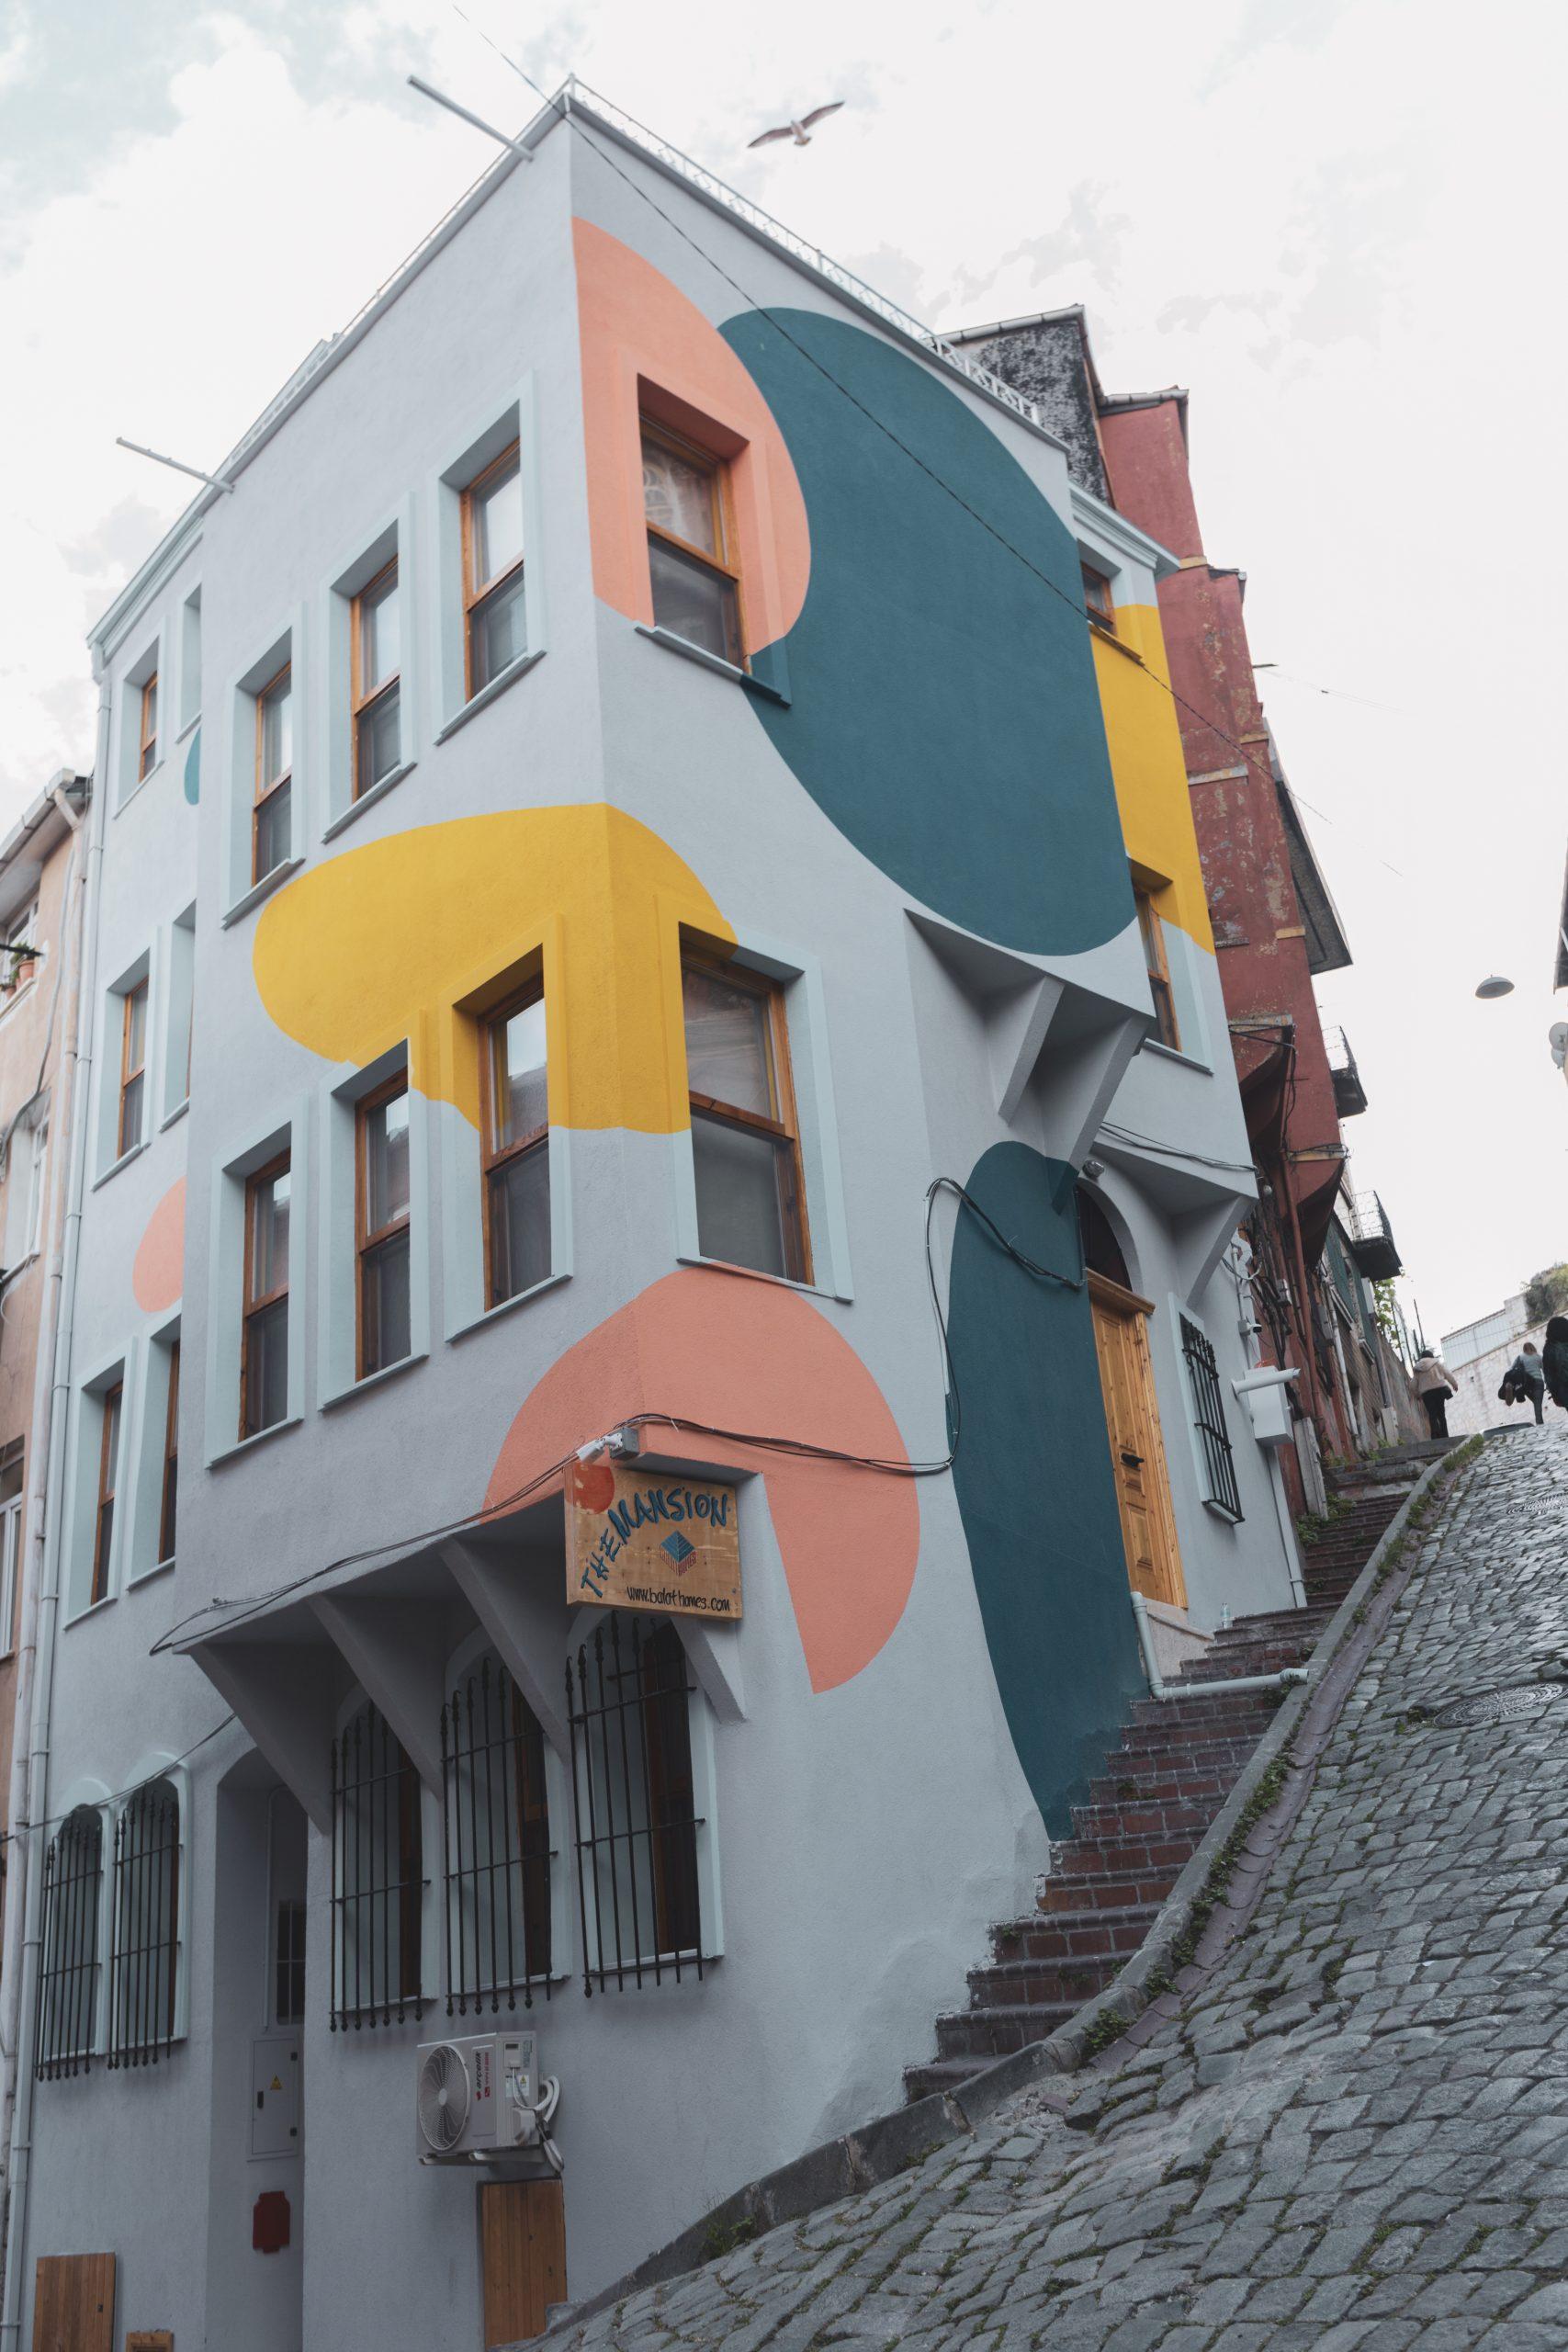 gebouw-stippen-kleuren-trap-omhoog